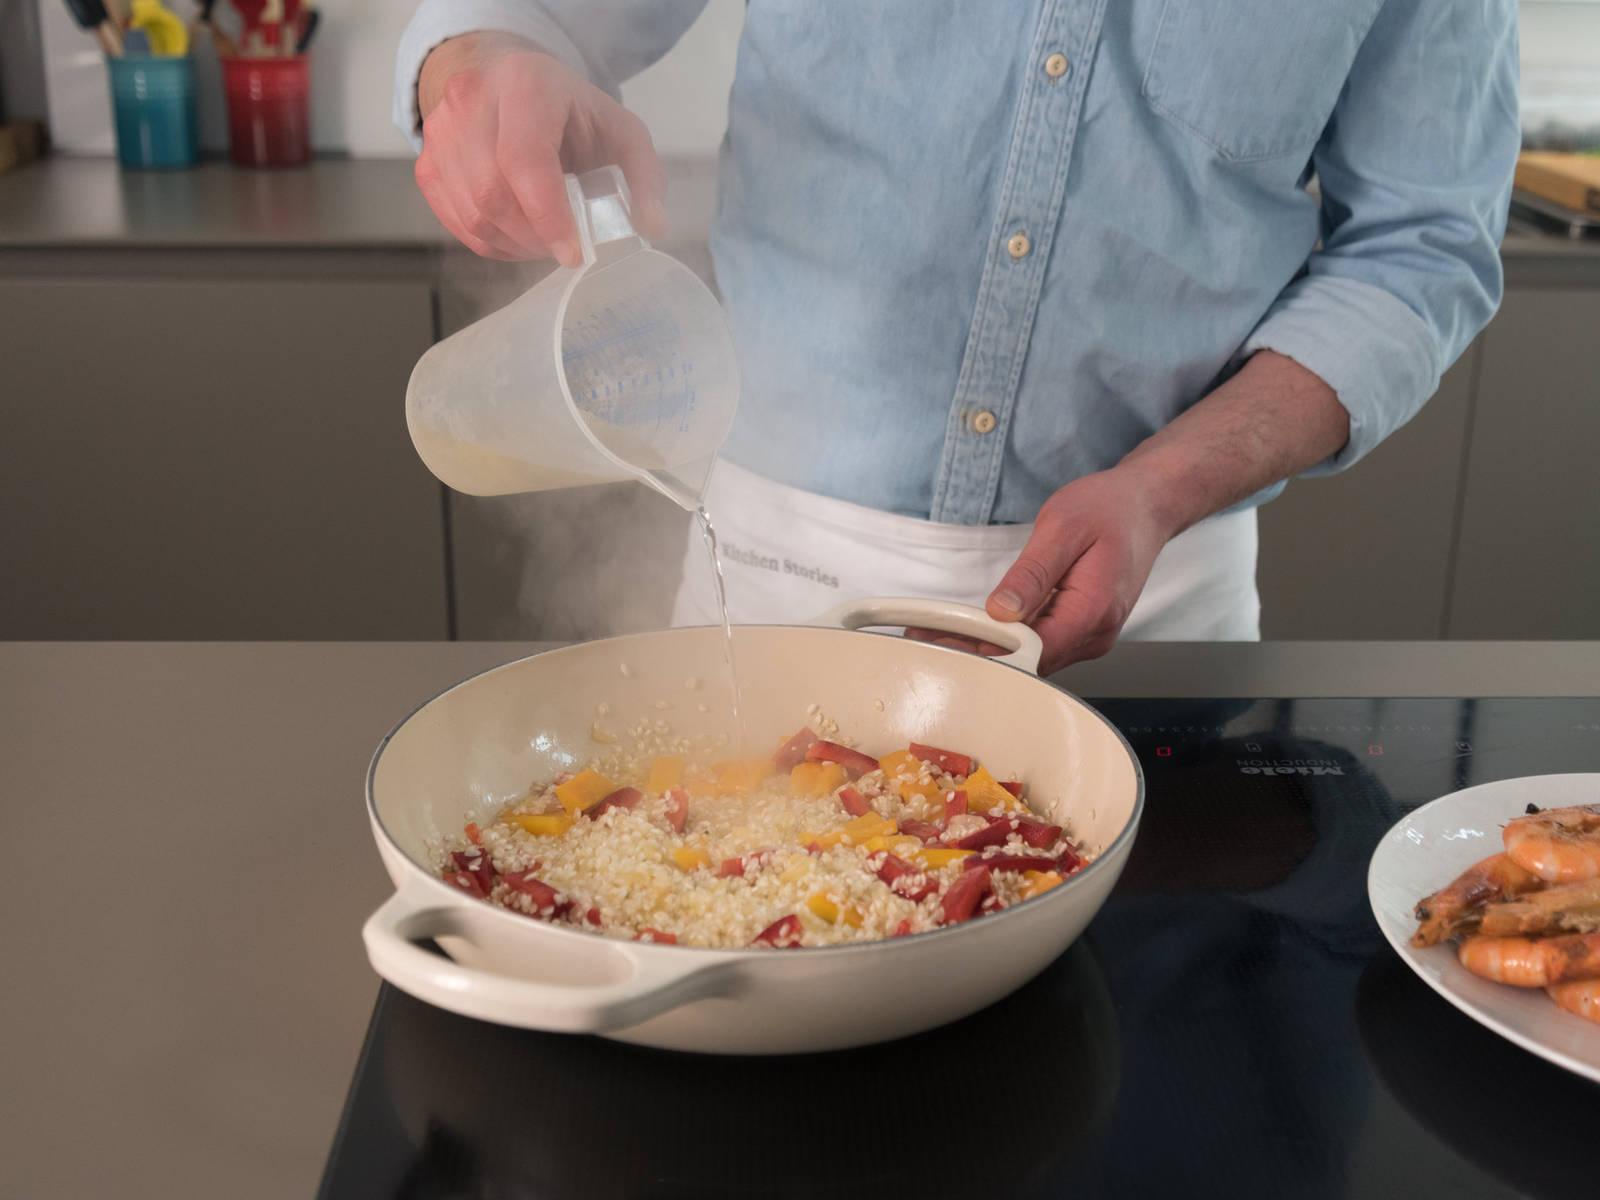 Mit Fischfond und Weißwein ablöschen. Safran dazugeben, verrühren und die Flüssigkeit aufkochen lassen.